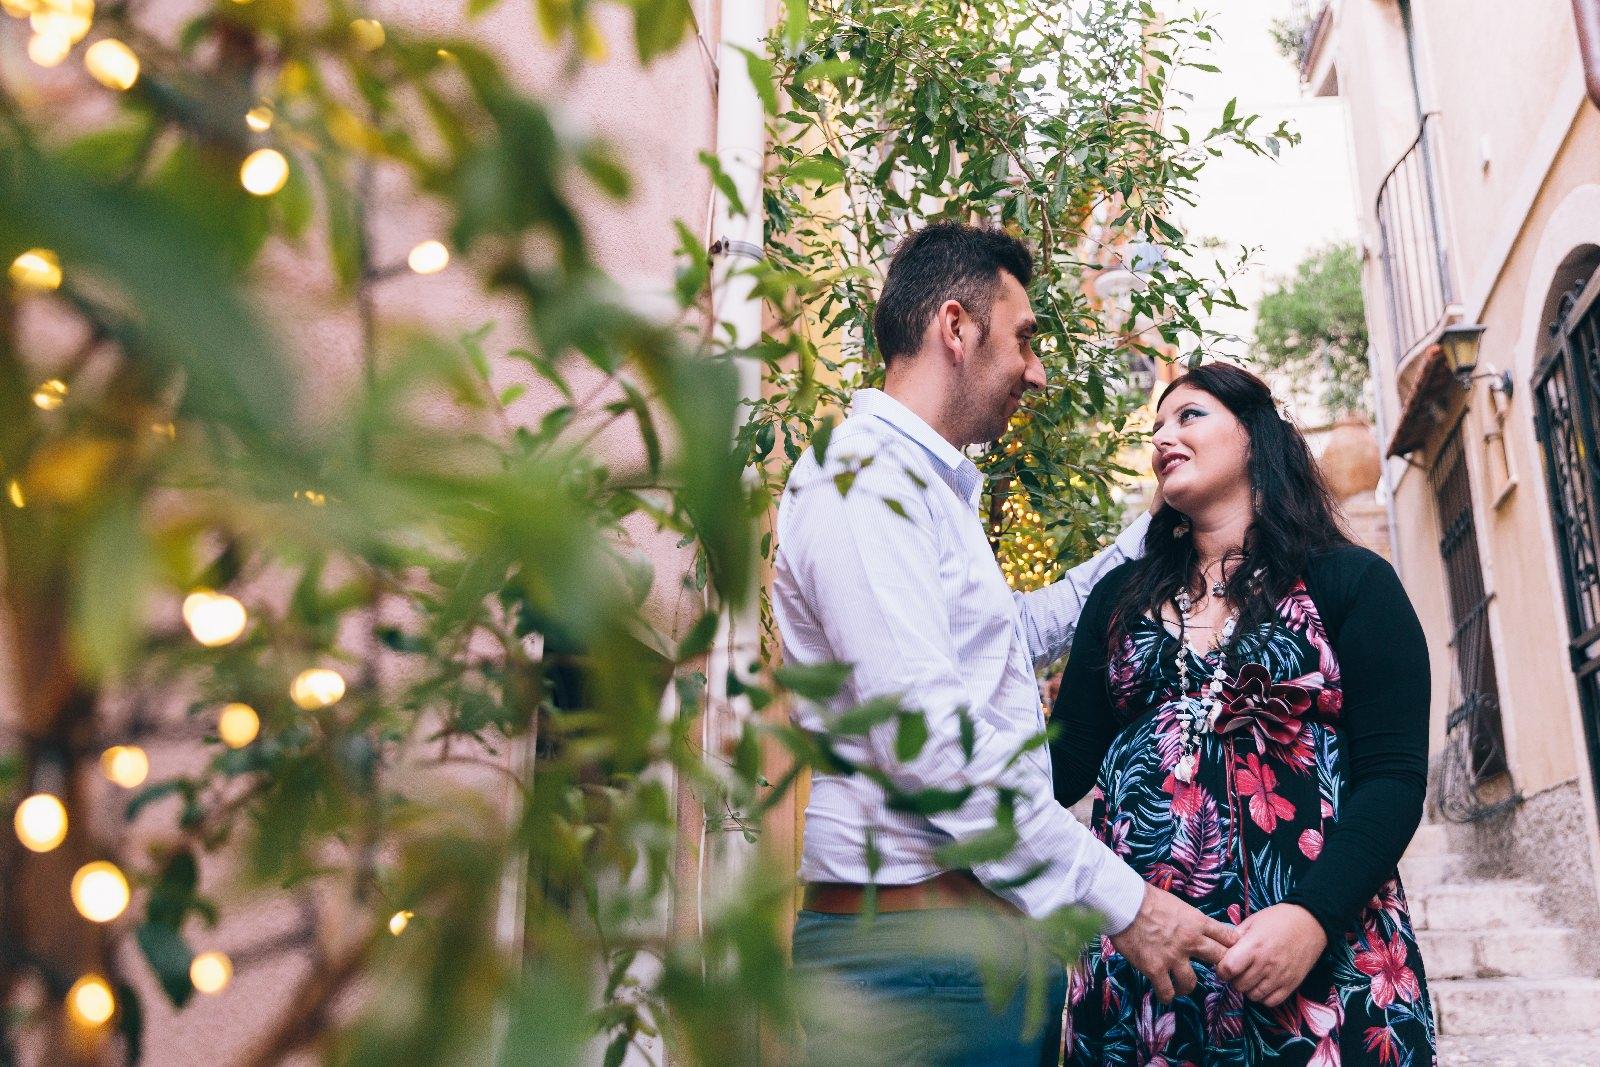 029-2018-09-22-Engagement-Alessandra-e-Igor-Pizzone-5DE-050